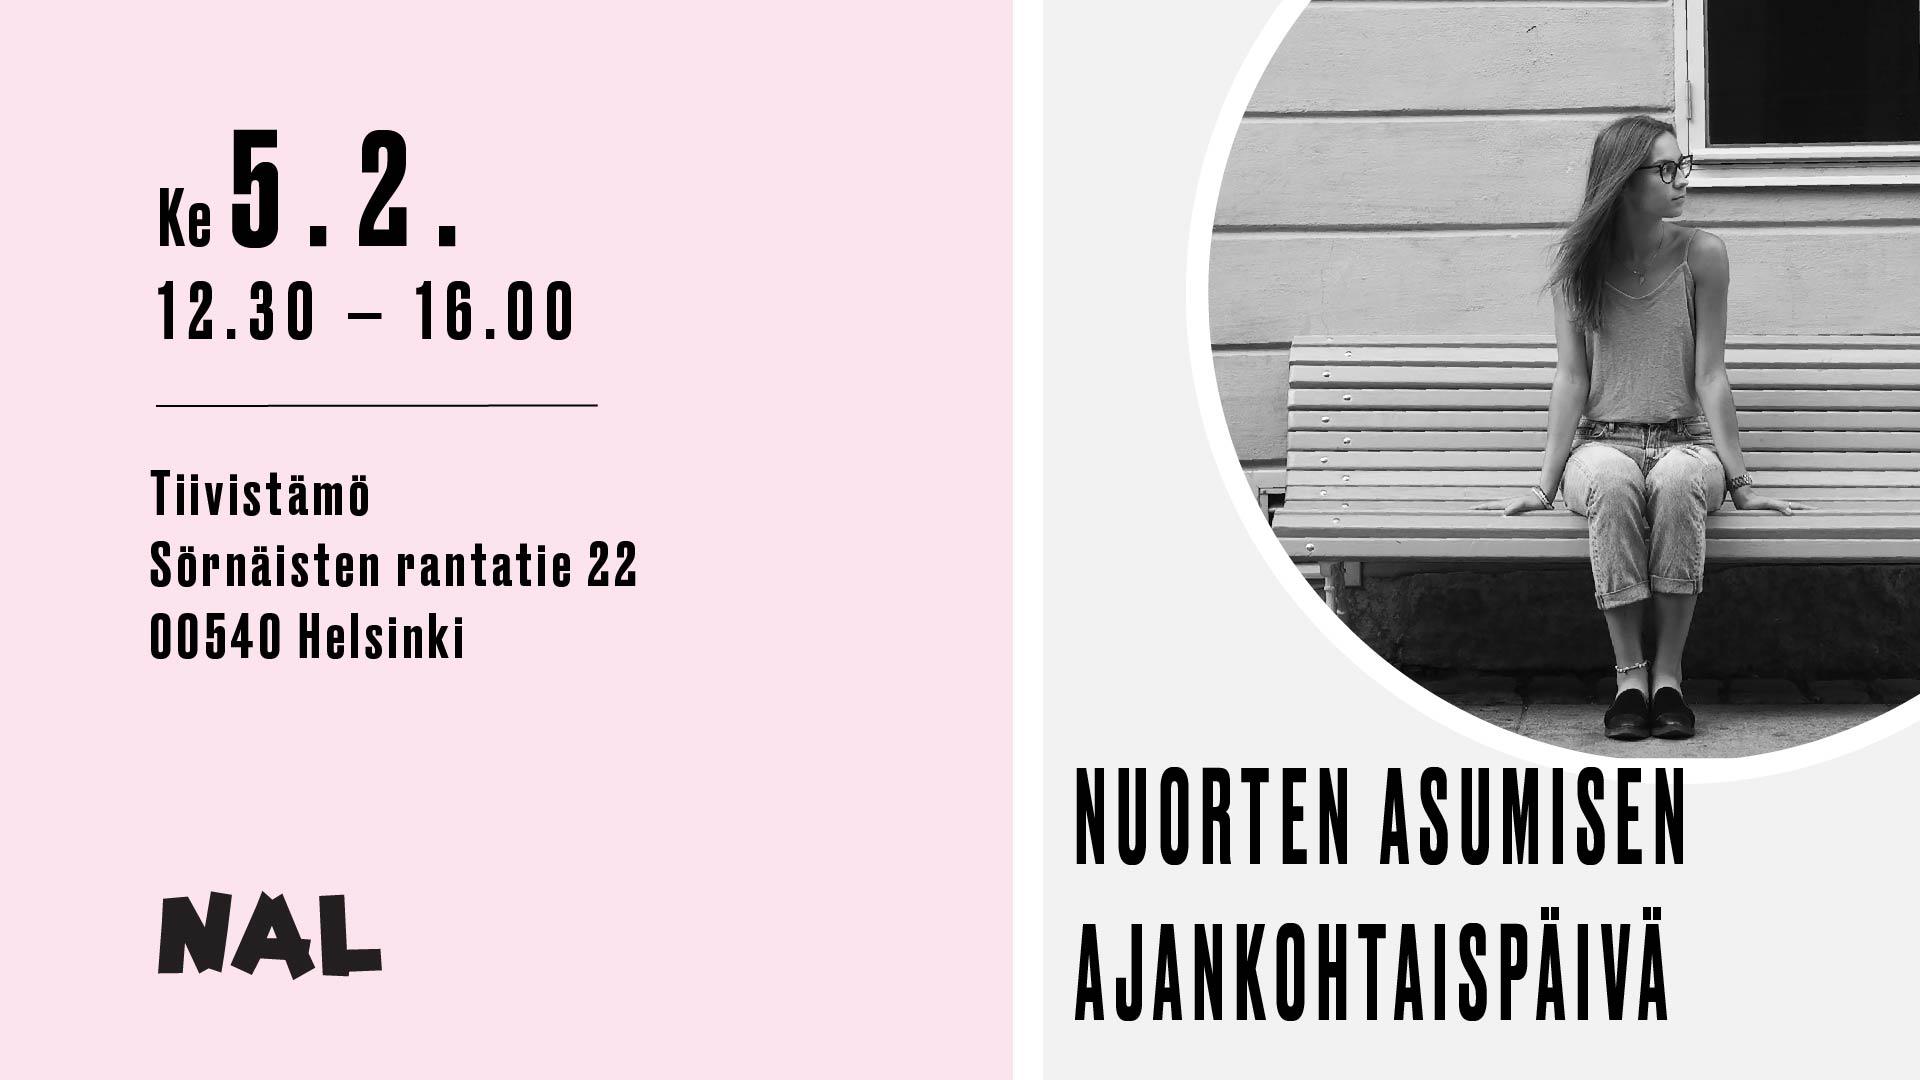 Asumisen ajankohtaispäivä keskiviikkona 5.2. 12.30-16.00 Tiivistämössä osoitteessa Sörnäisten rantatie 22